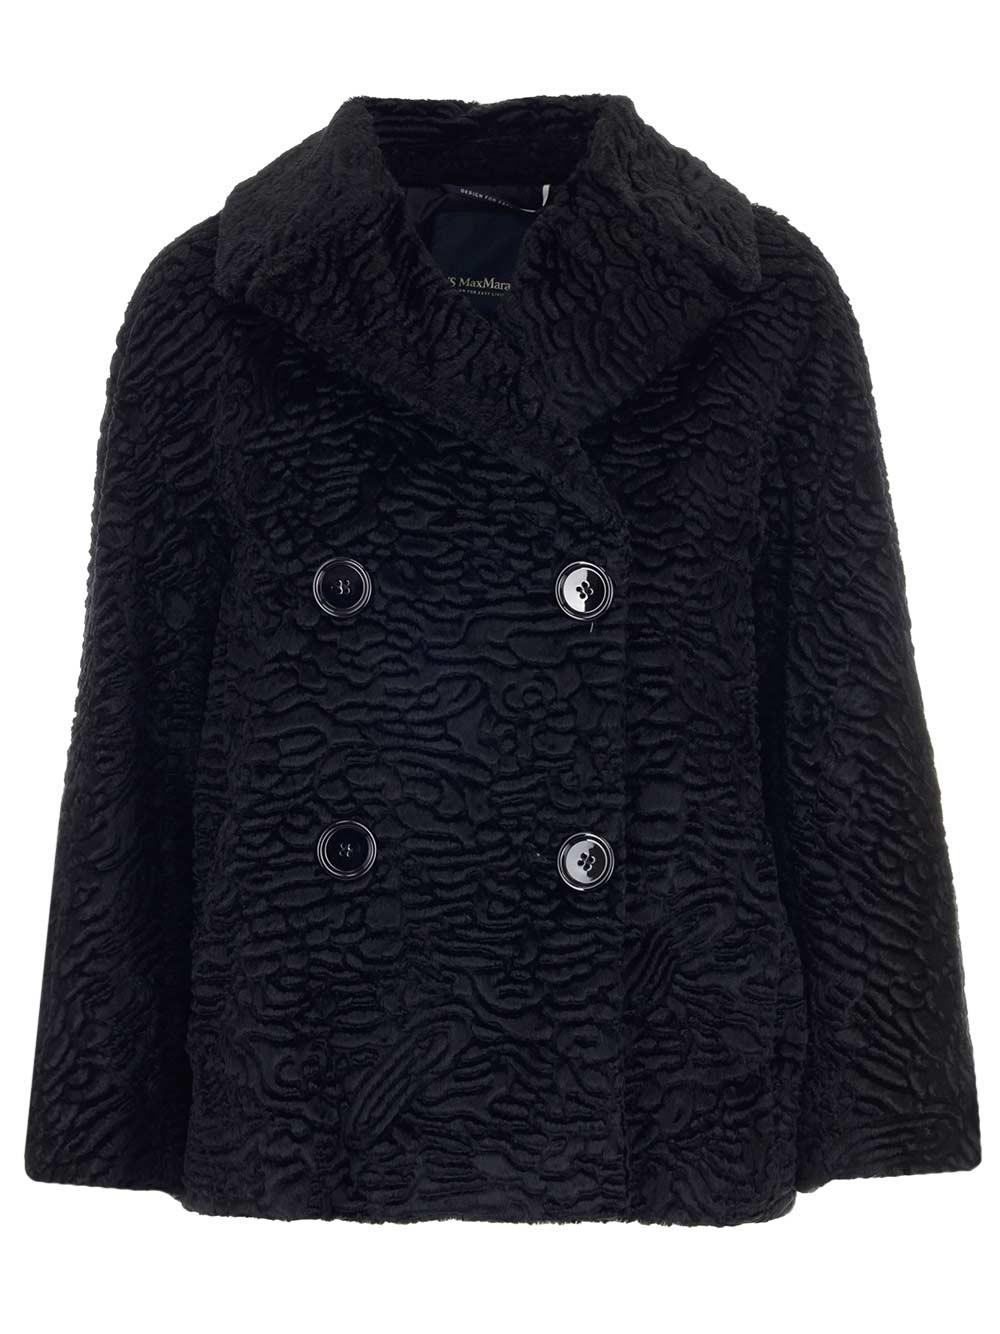 'S MAX MARA Faux Fur Short Peacoat